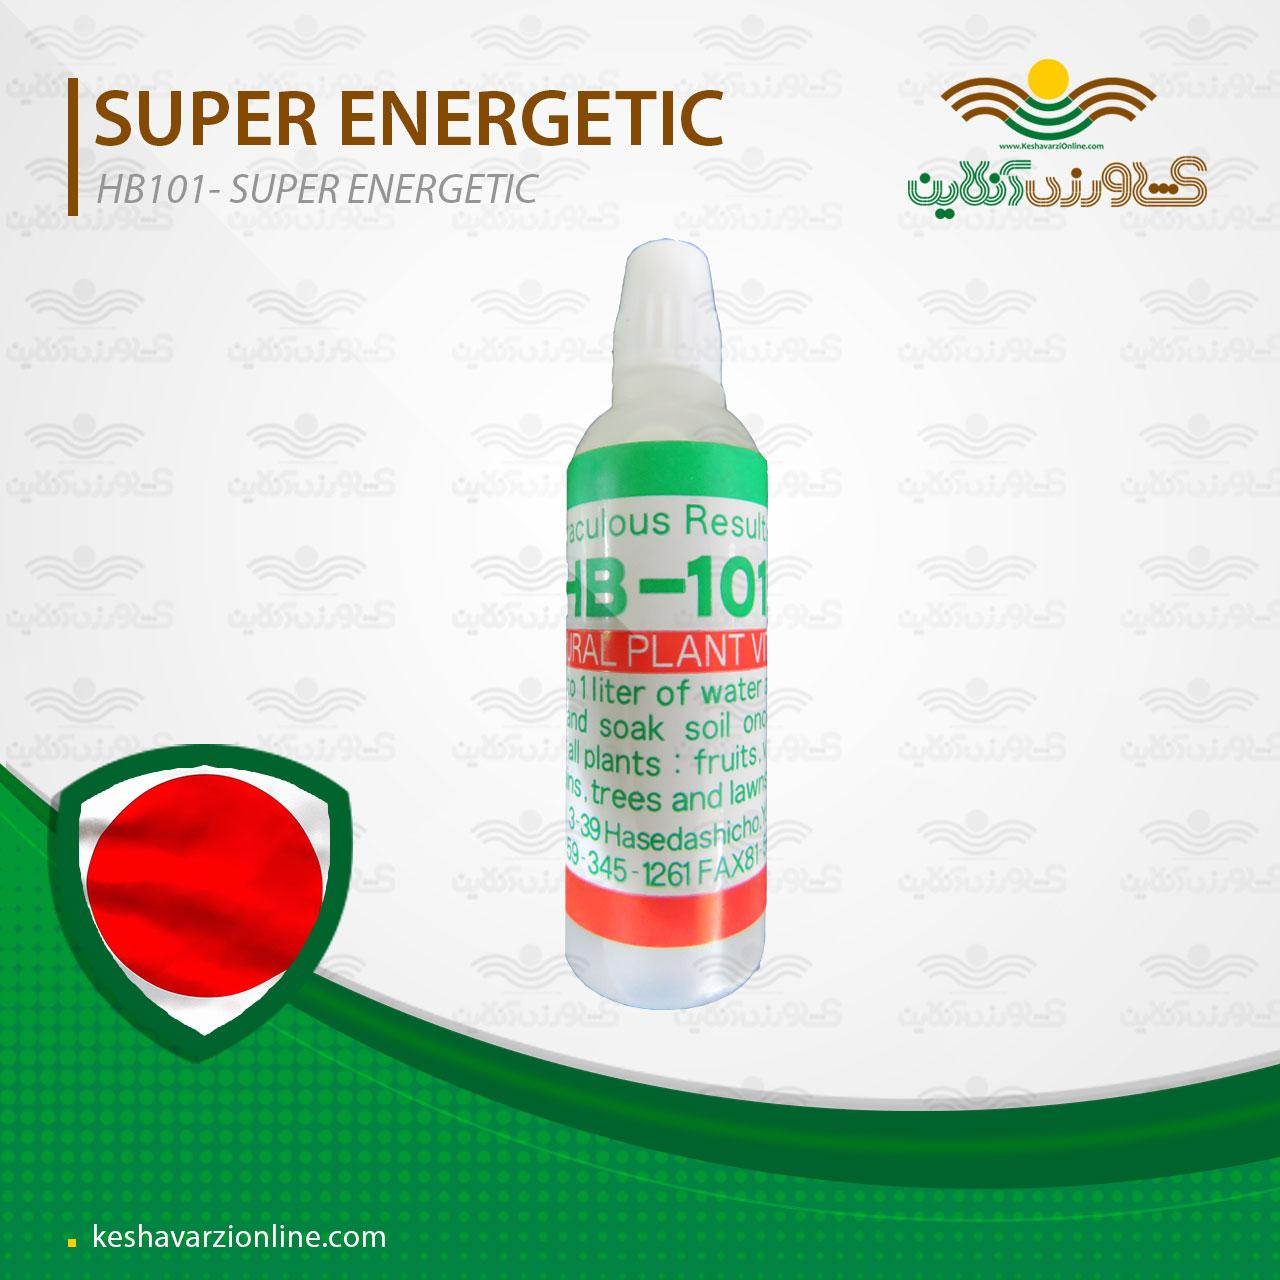 قطره سوپر انرژی ژاپنی HB.101